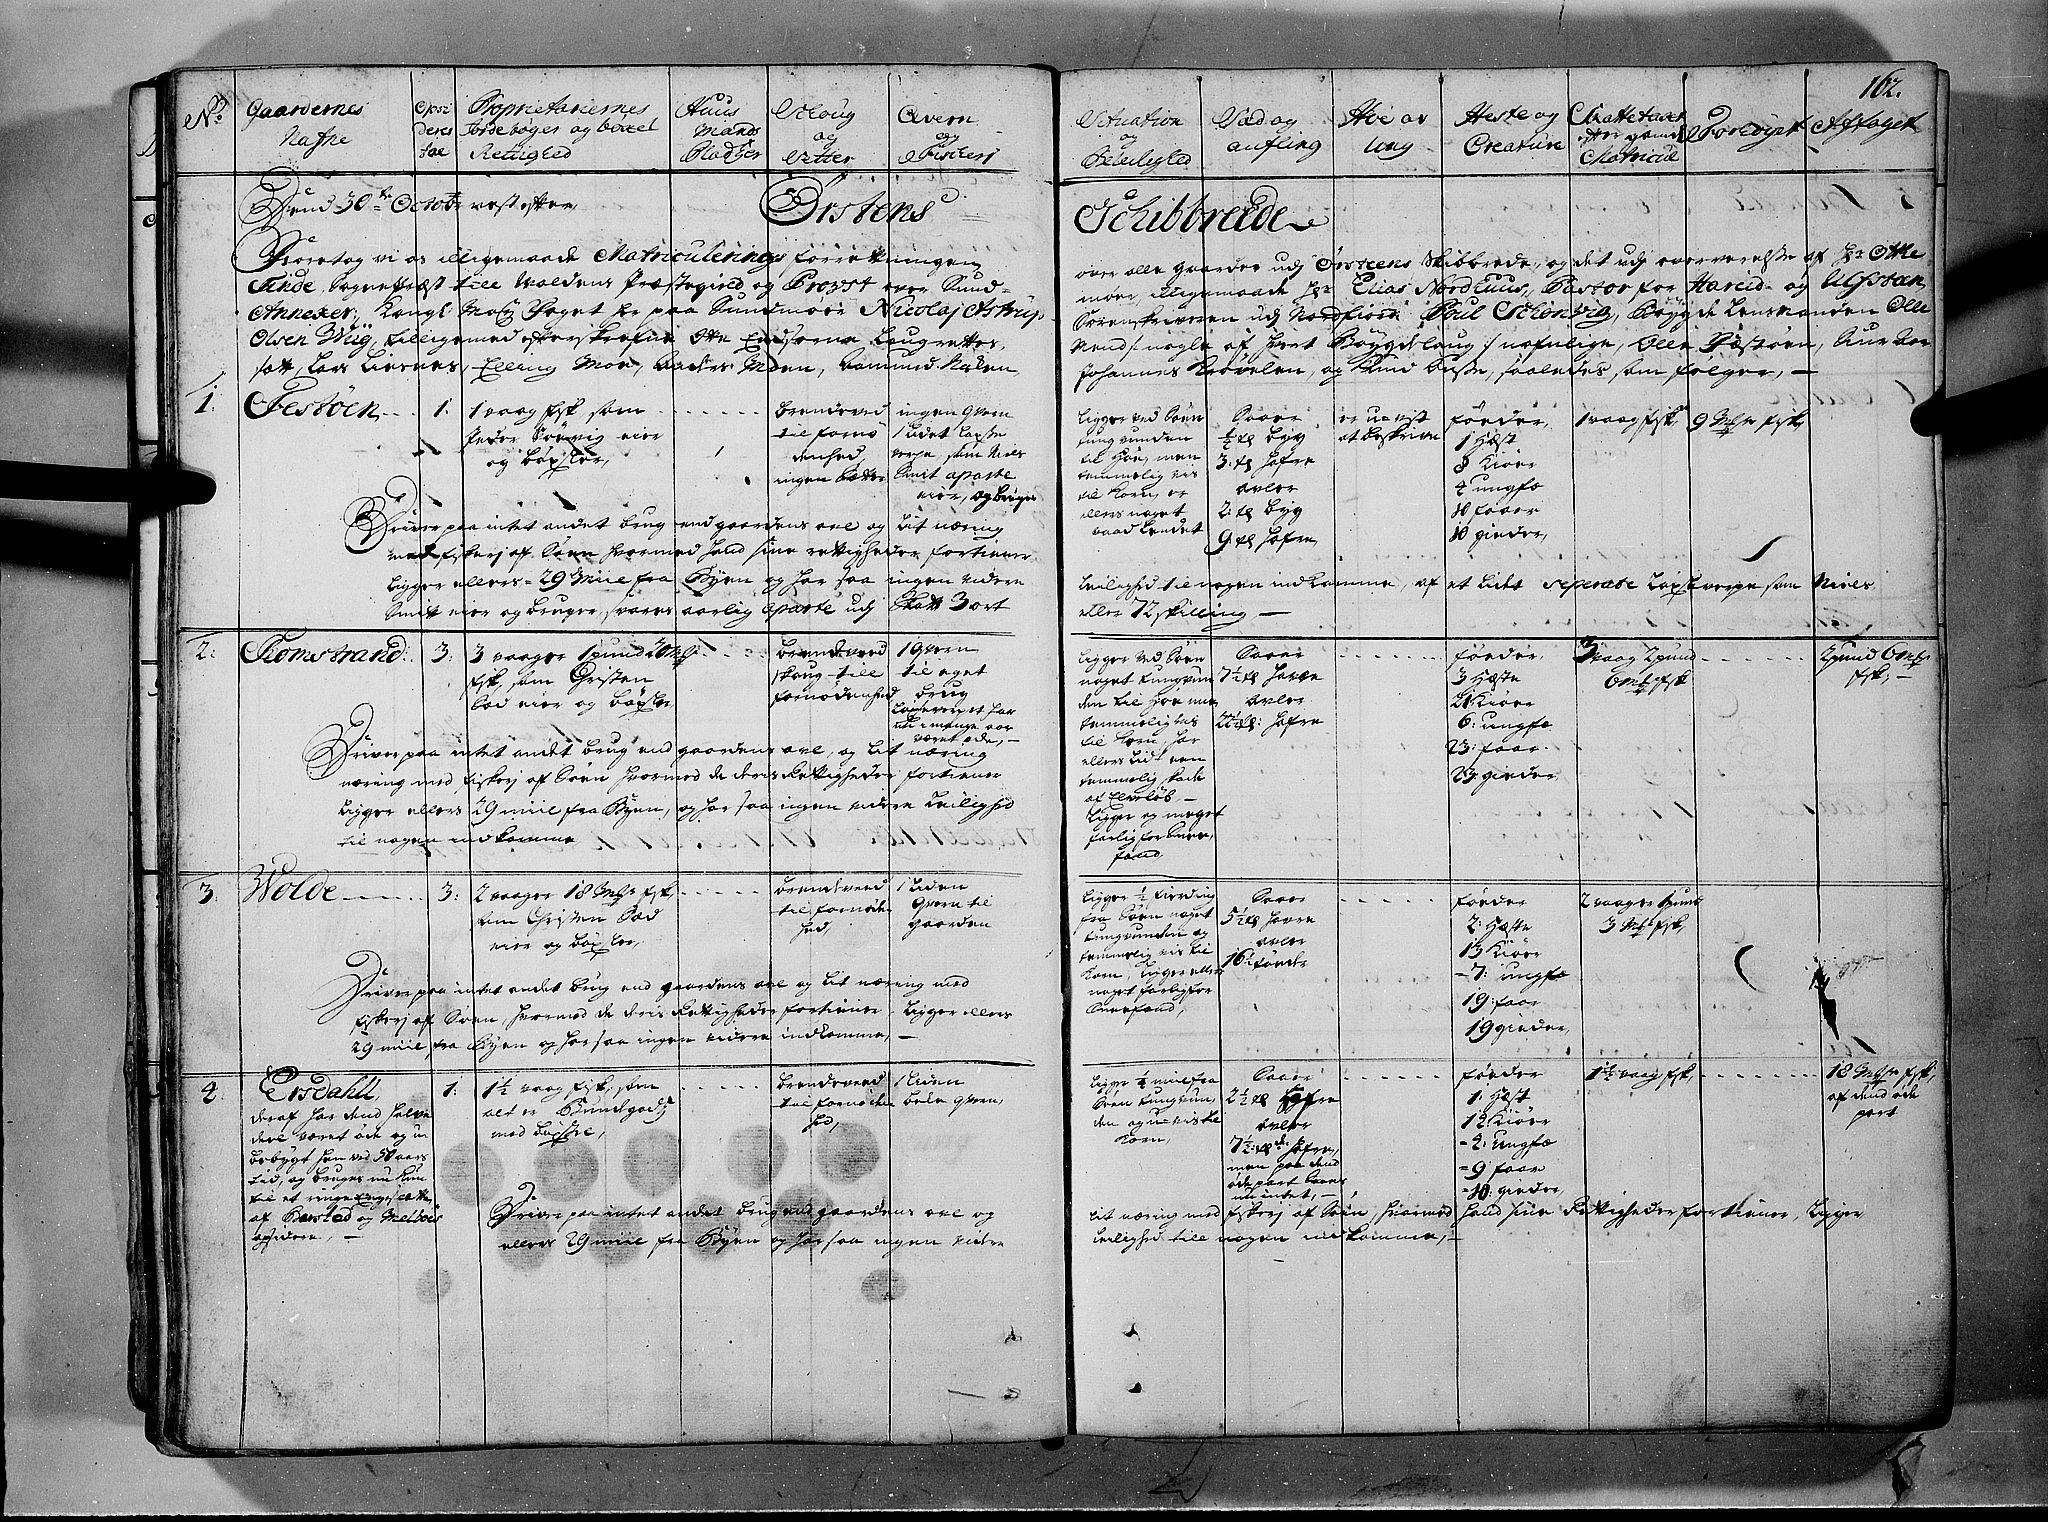 RA, Rentekammeret inntil 1814, Realistisk ordnet avdeling, N/Nb/Nbf/L0150: Sunnmøre eksaminasjonsprotokoll, 1724, s. 161b-162a